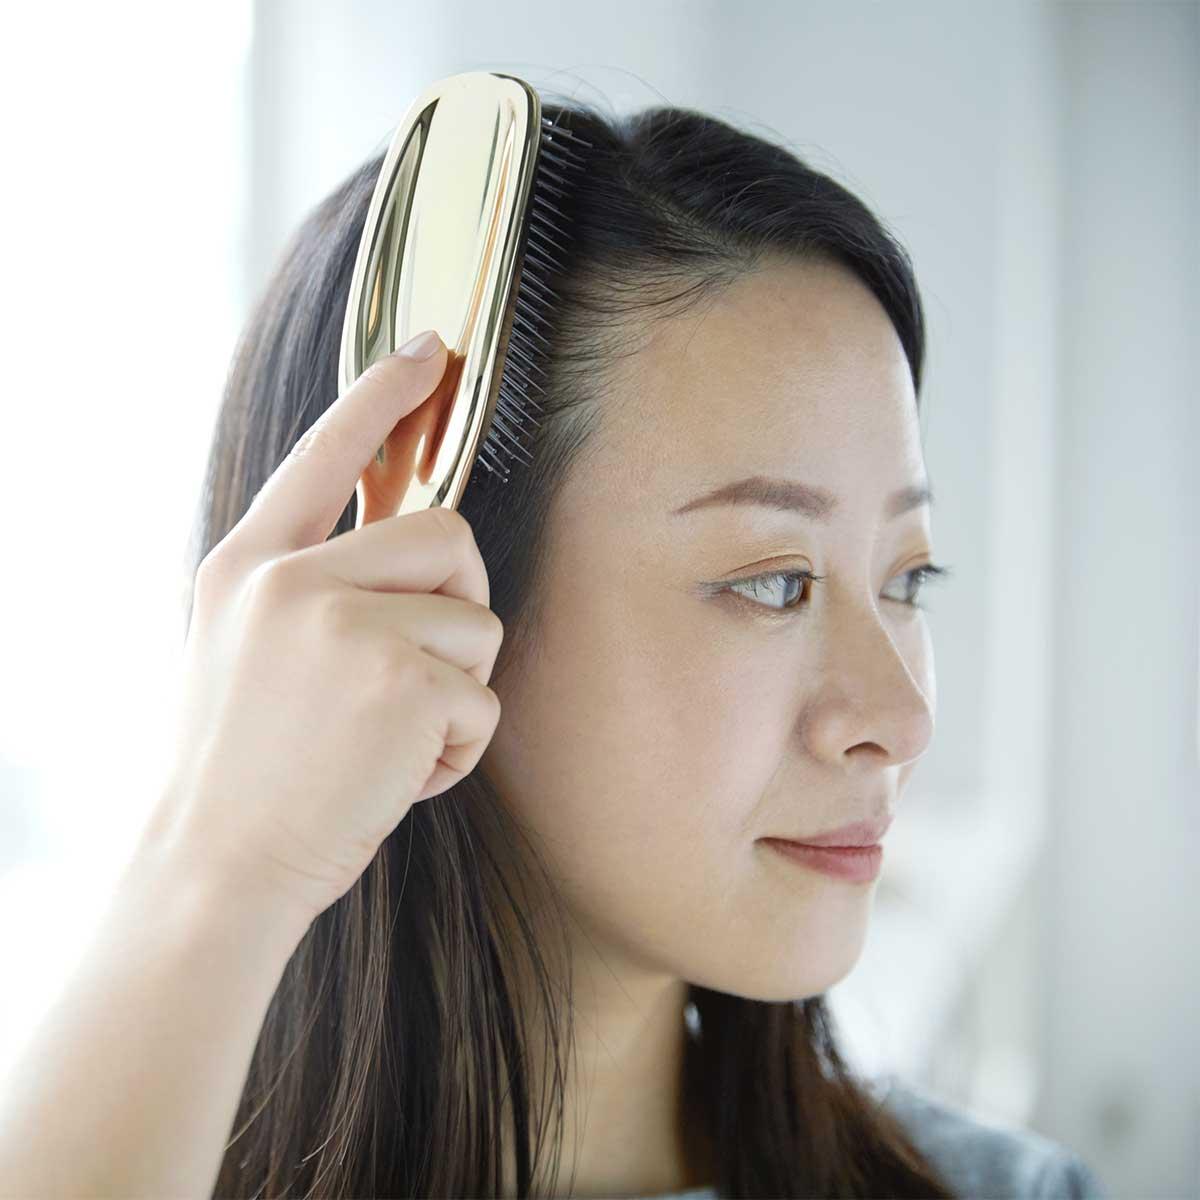 髪がパサつく、切れ毛や抜け毛が増えてきたという人は、「頭皮ケア」を始めましょう。スカルプブラシ(育毛ブラシ)|SCALP BRUSH(スカルプブラシ)